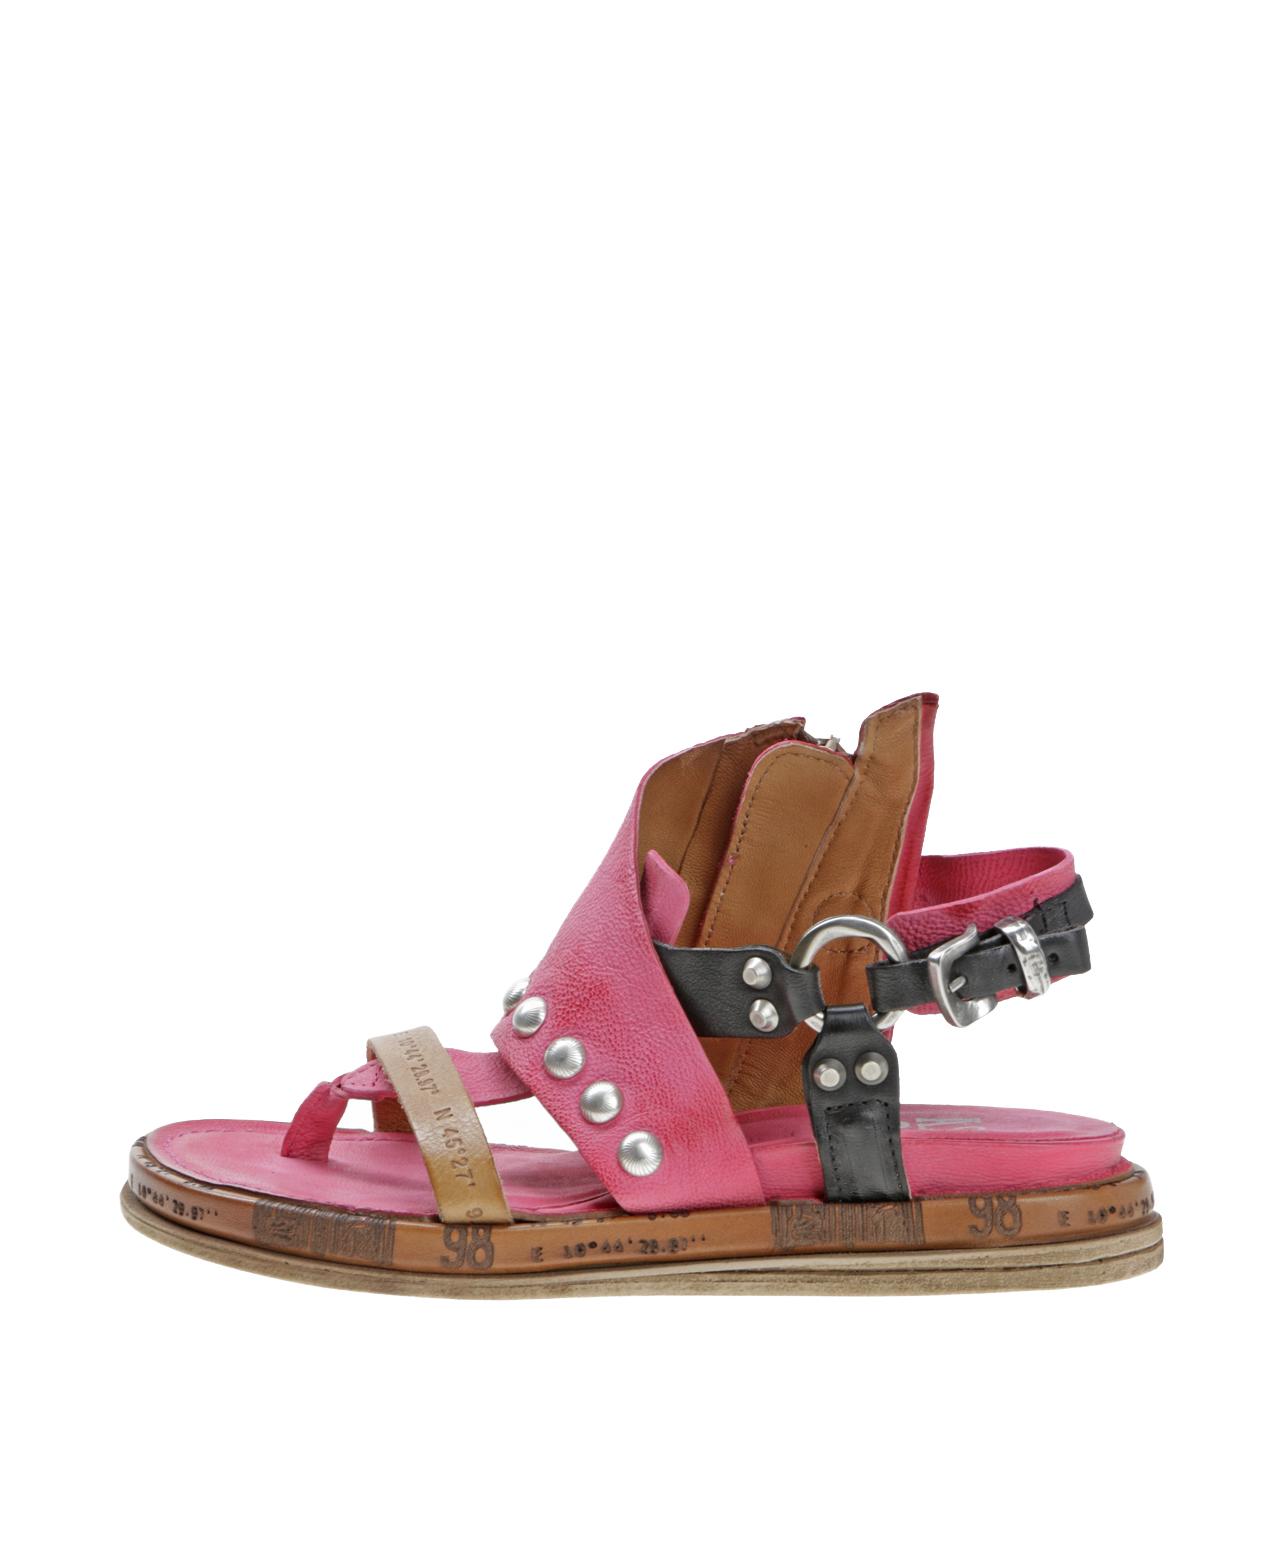 kosten charm neues Design bestbewertetes Original Damen Sandale 699004